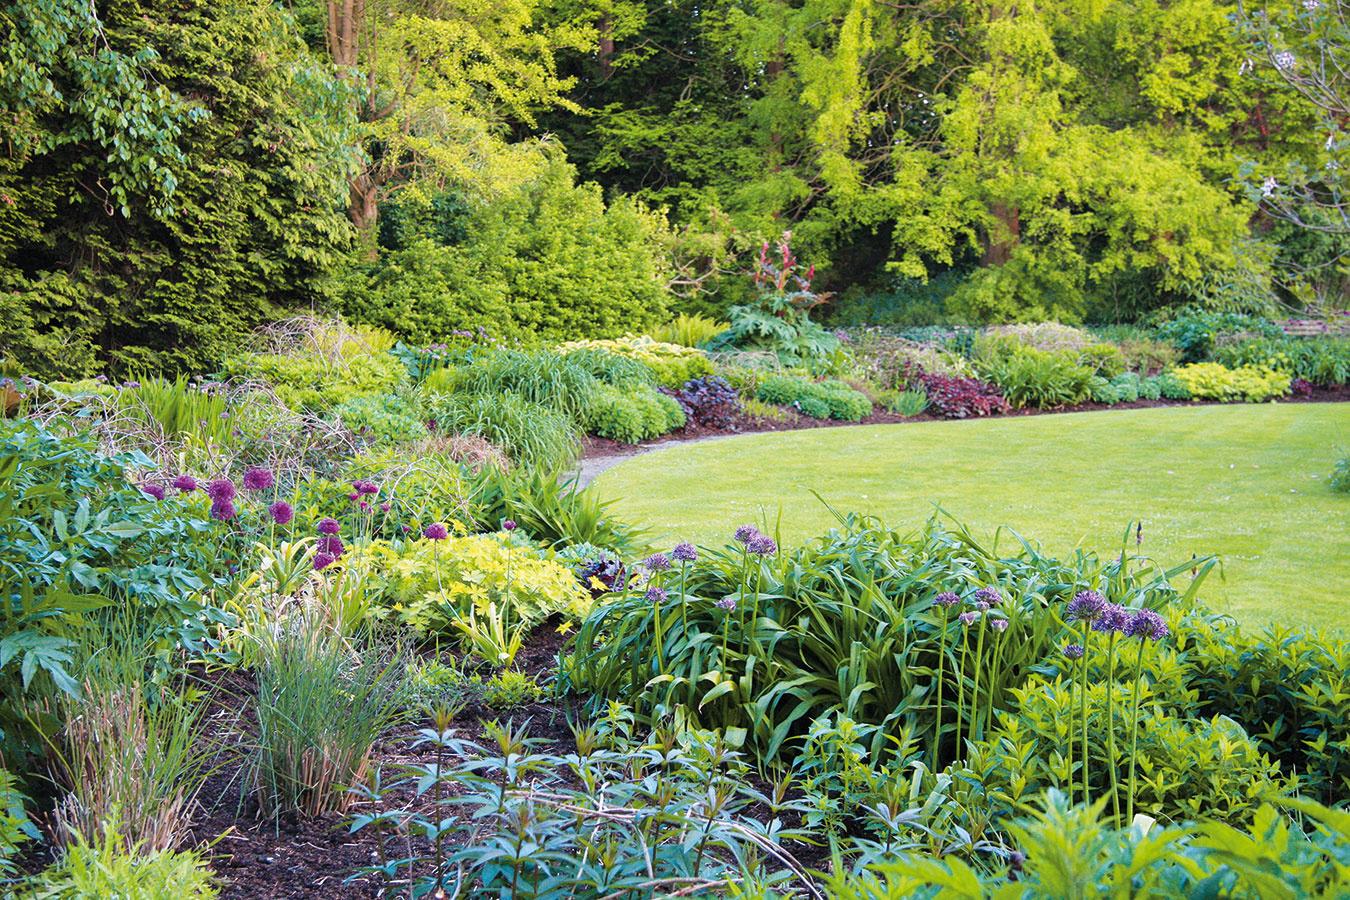 Pri plánovaní výsadby myslite na to, že vprípade trvaliek anižších okrasných tráv lepšie ukážu aspoň tri jedince ztoho istého druhu. Do menšieho záhona je ideálne zakomponovať minimálne tri-štyri druhy kvitnúcich trvaliek aaspoň jeden či dva okrasné listami, prípadne môžete zvoliť zaujímavú okrasnú trávu. Zachovajte pritom pravidlo, že vyššie druhy patria do pozadia anižšie do popredia. Do stredne veľkých aveľkých záhonov sa ponúka zakomponovať aj zaujímavý, nie príliš veľký vlete kvitnúci ker. Vprípade stredne veľkých aveľkých záhrad je rovnako lepšie vytvoriť skupinky krov (opäť aspoň tri jedince). Vzáhrade by nemali chýbať ani stromy, pričom kvitnúce druhy (okrasné jablone, čerešne) môžu byť pekné solitéry. Vmenších záhradách sú vhodnejšou alternatívou menšie, pomaly rastúce dreviny atvarované živé ploty.